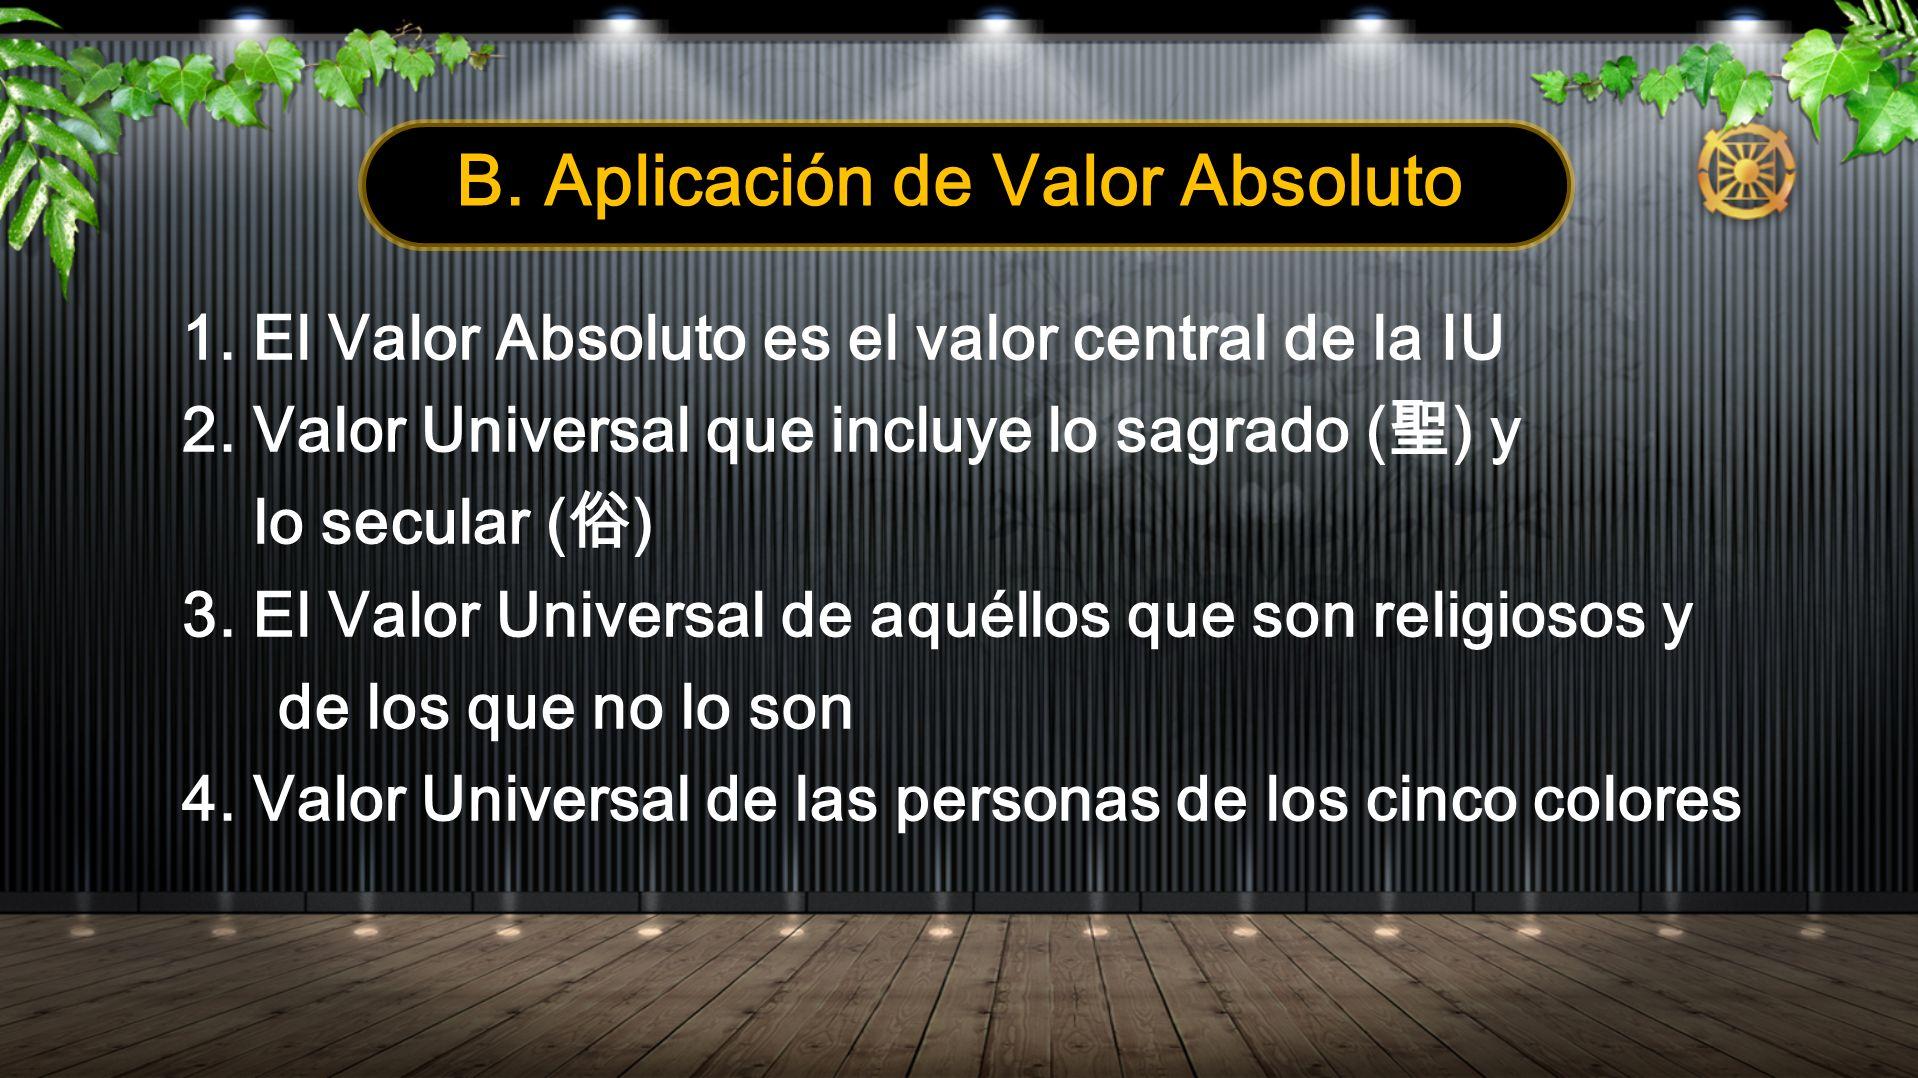 B. Aplicación de Valor Absoluto 1. El Valor Absoluto es el valor central de la IU 2. Valor Universal que incluye lo sagrado ( ) y lo secular ( ) 3. El